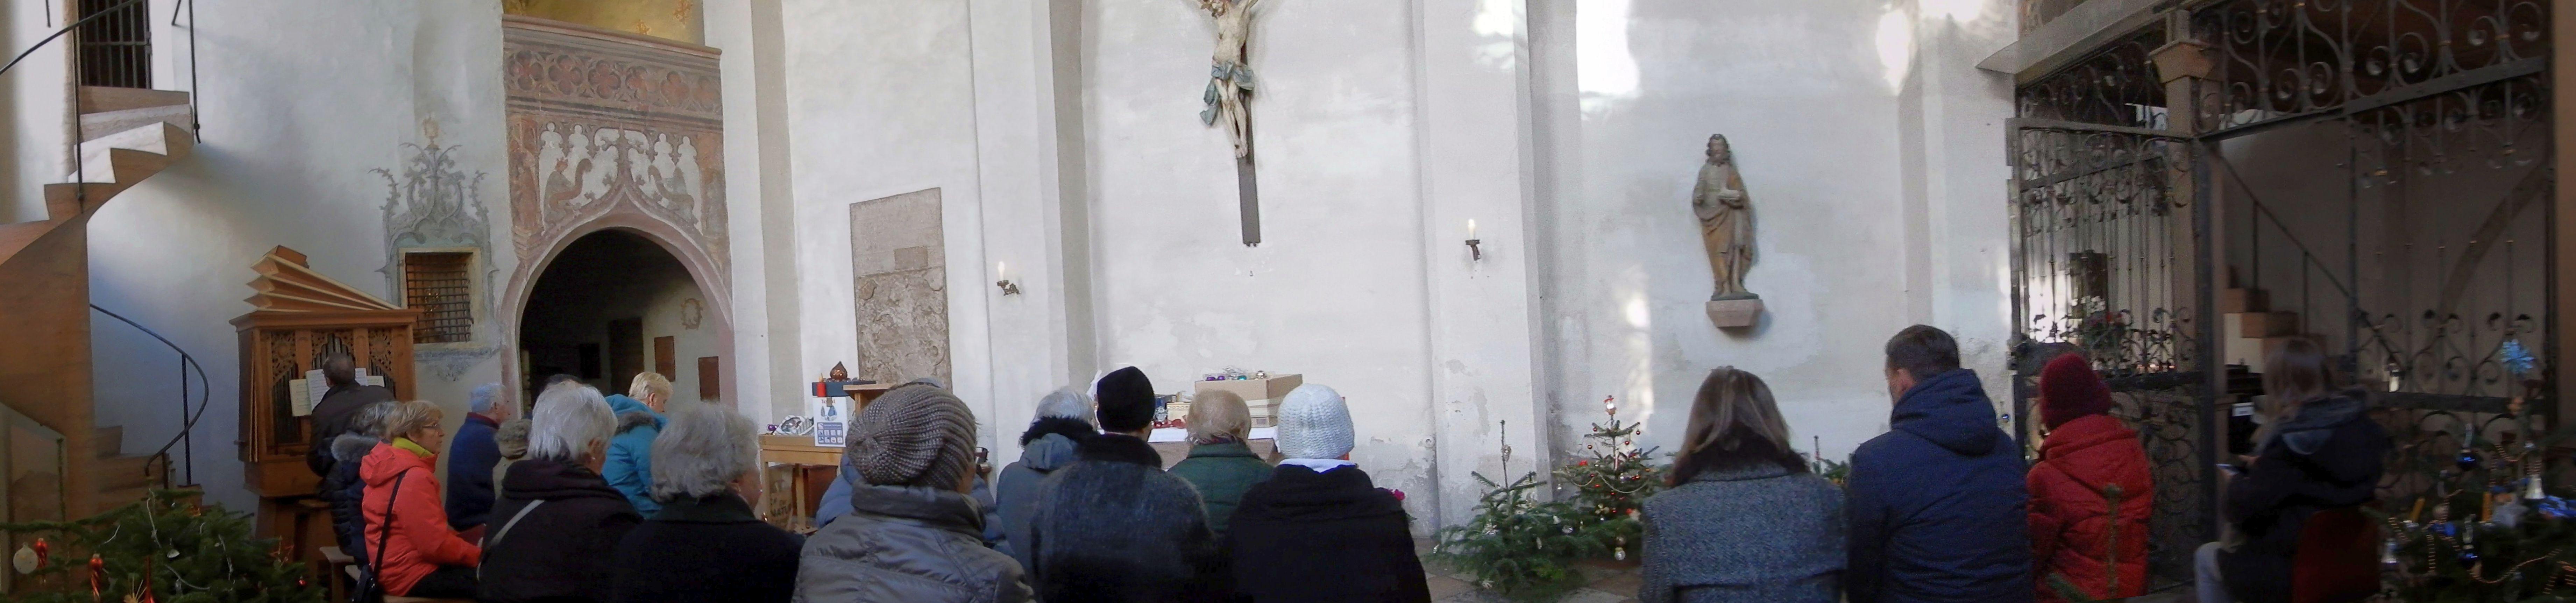 Gottesdienst in der Heilig-Geist-Kirche